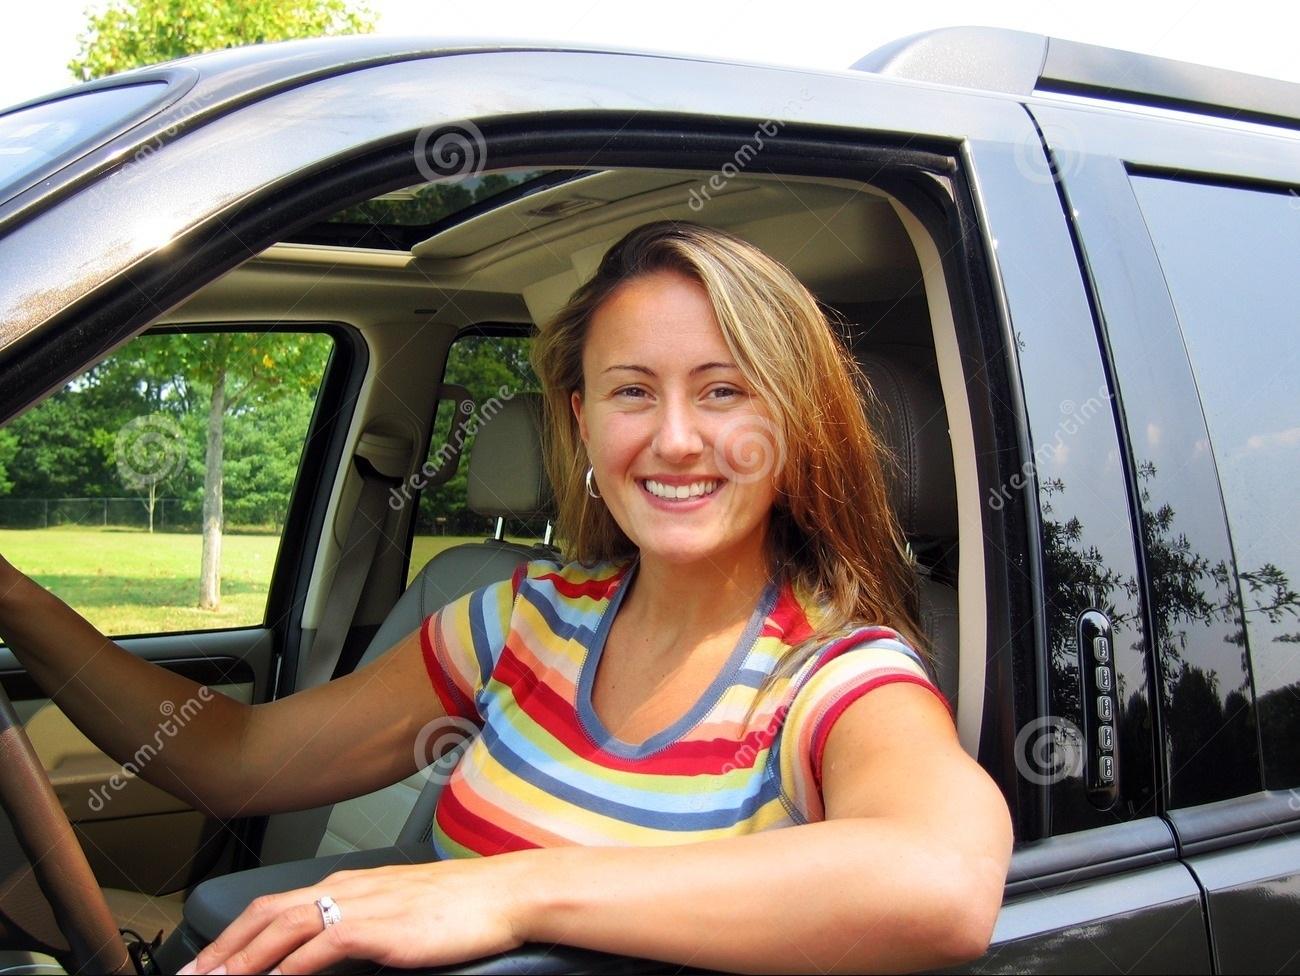 woman-driver-1014033.jpg